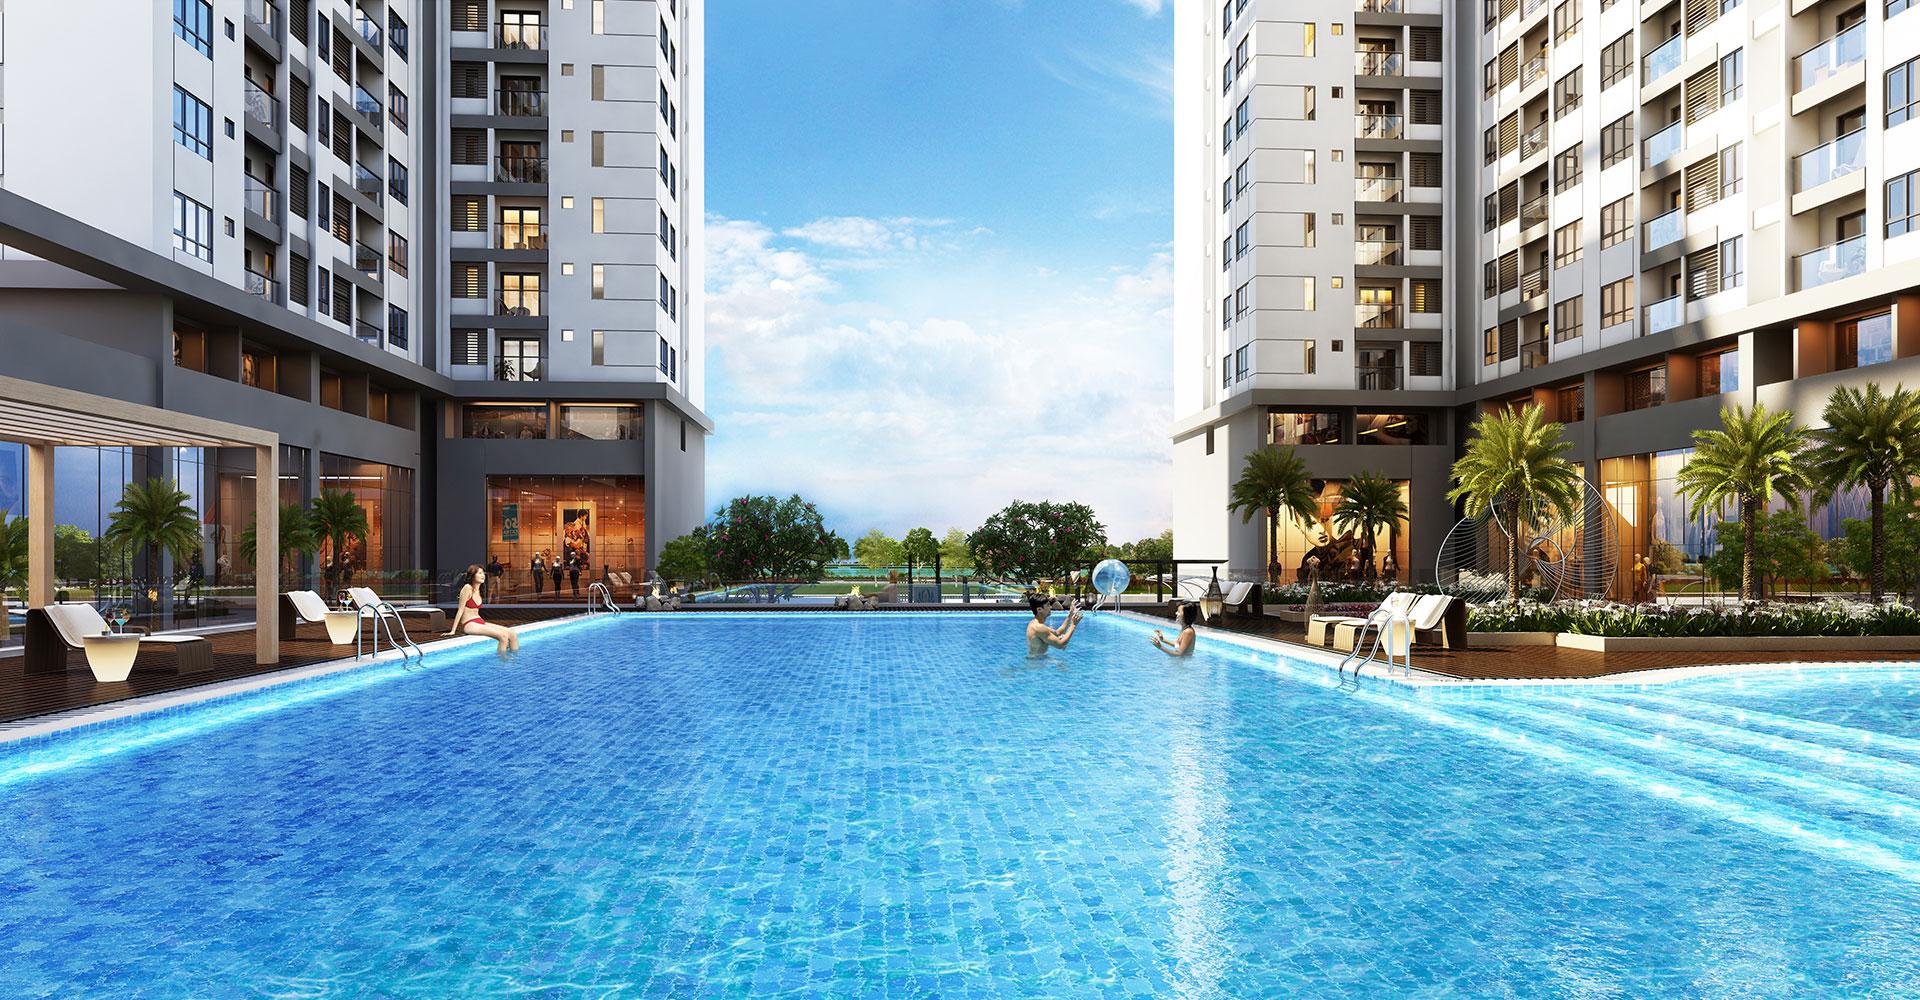 Hồ bơi nội khu tại dự án Florita quận 7 của Hưng Thịnh